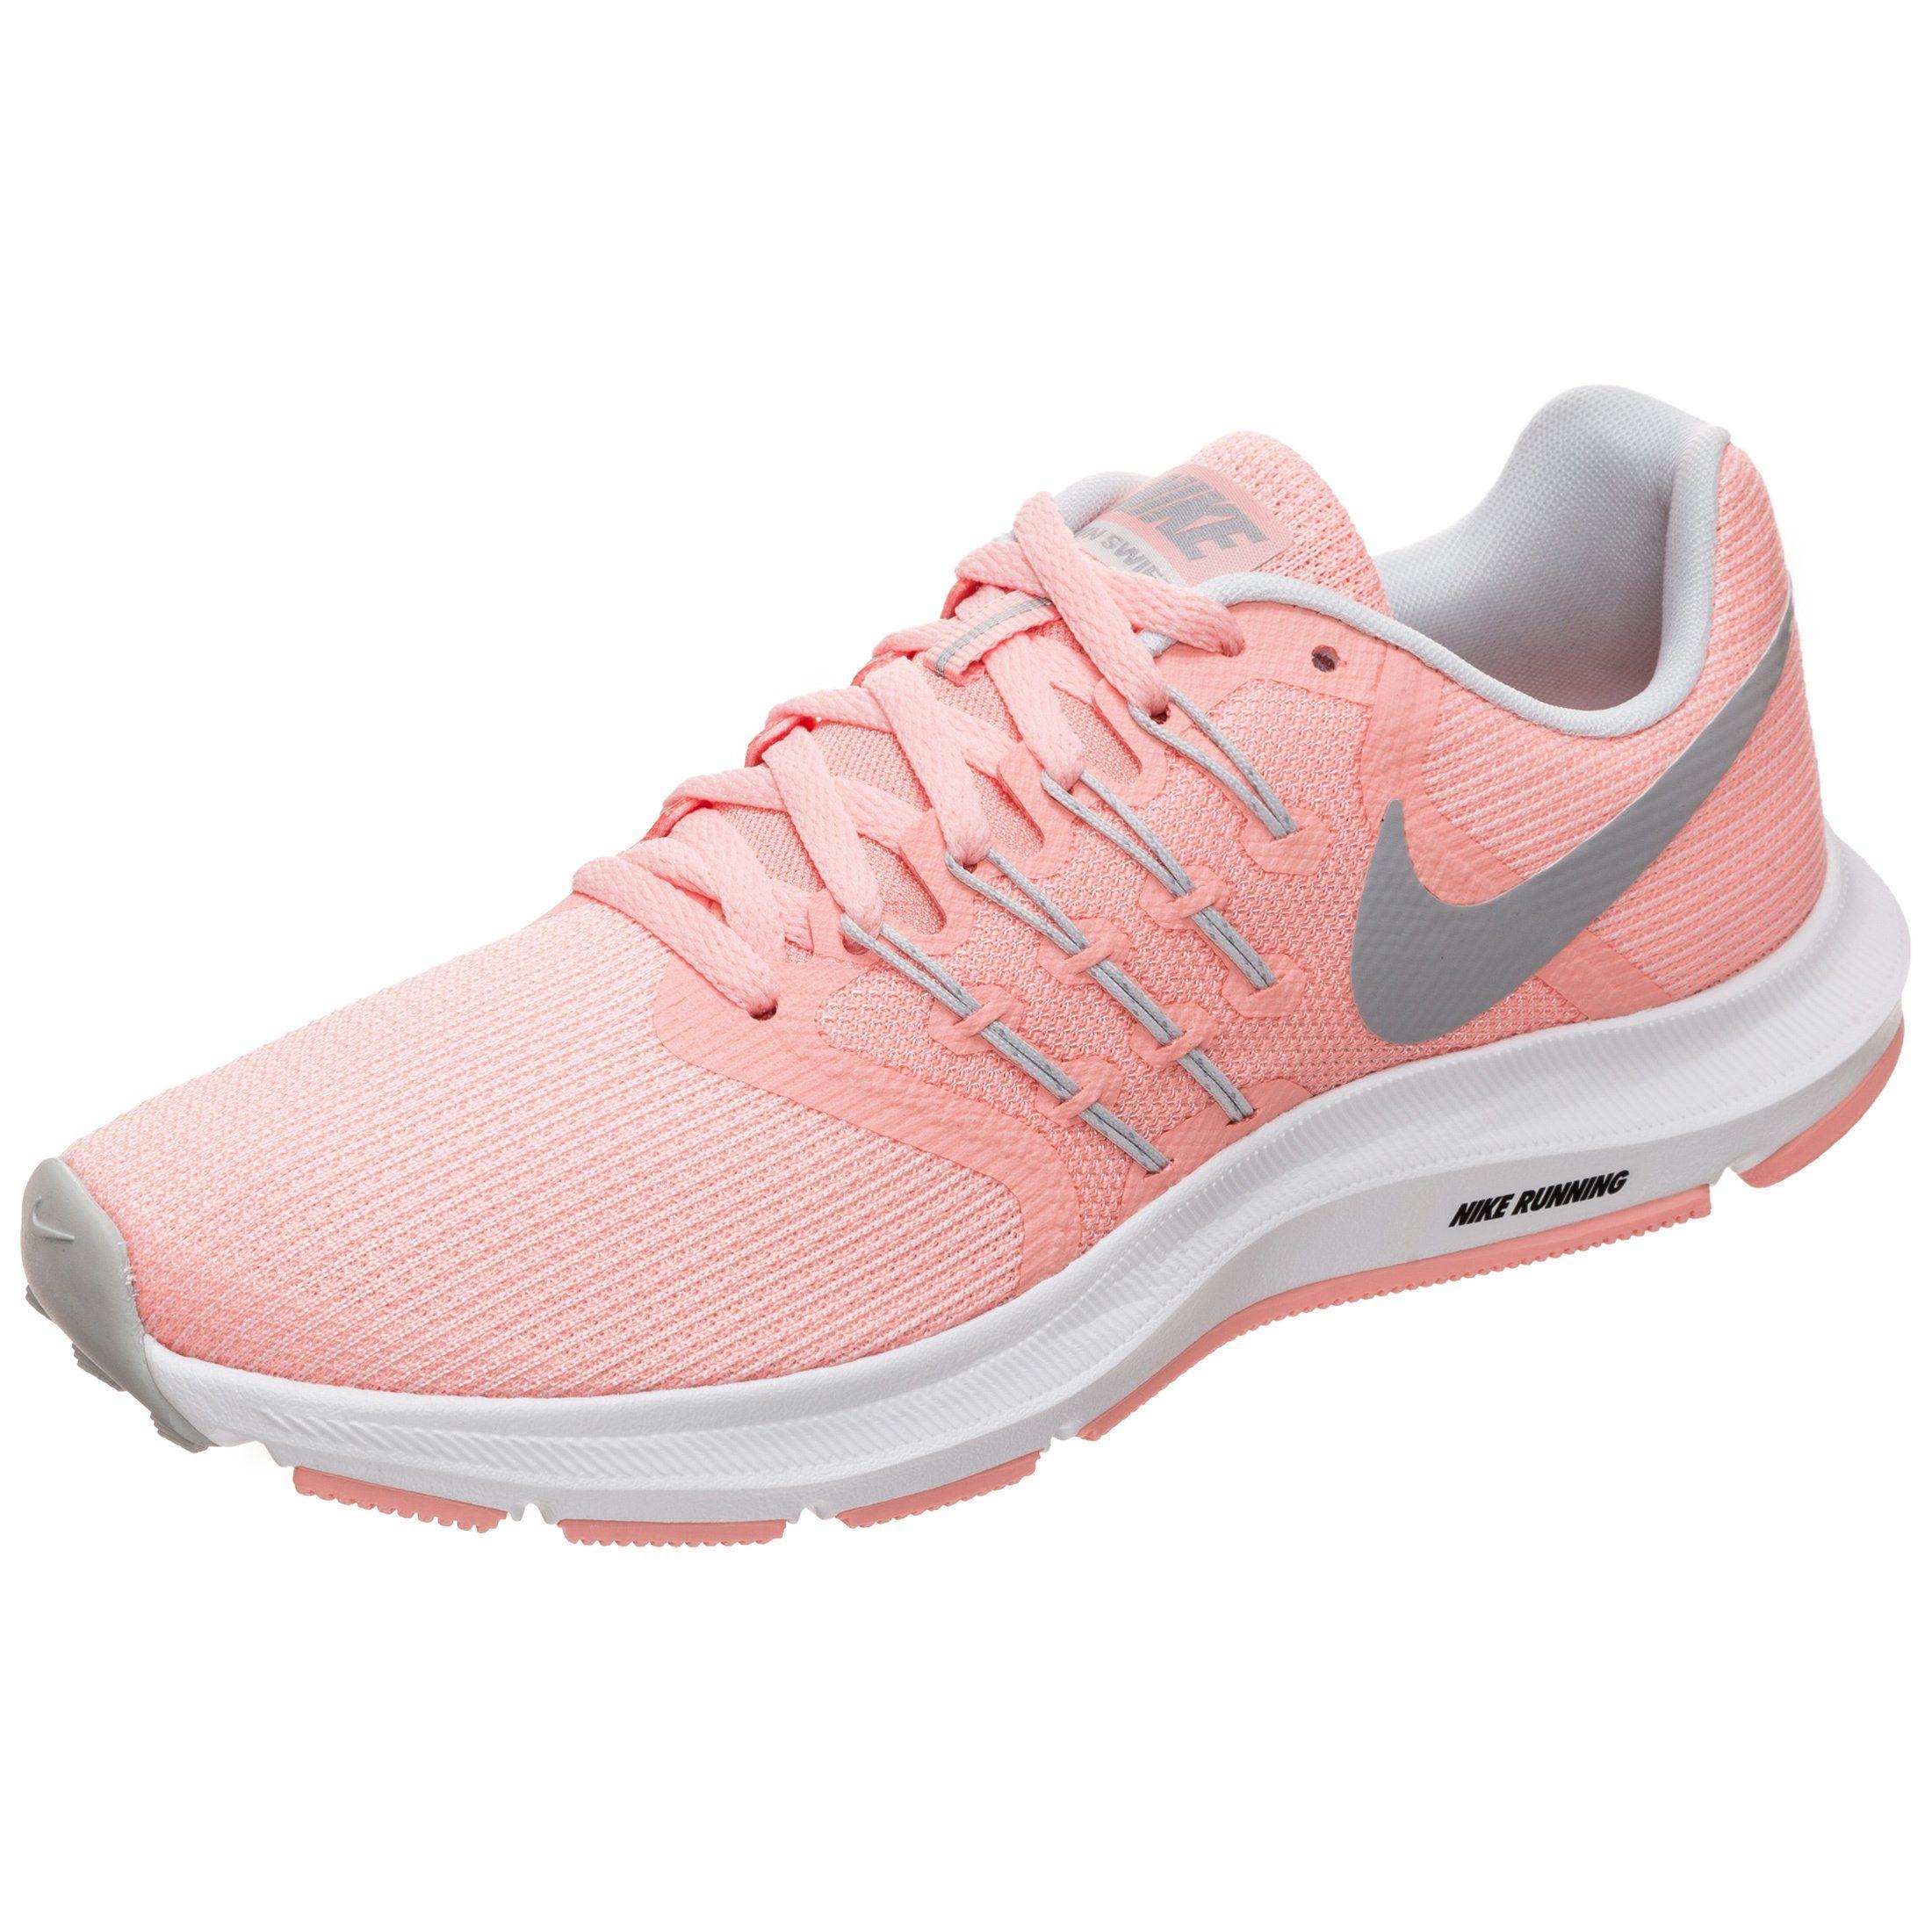 Nike »Run Swift« Laufschuh online kaufen | OTTO